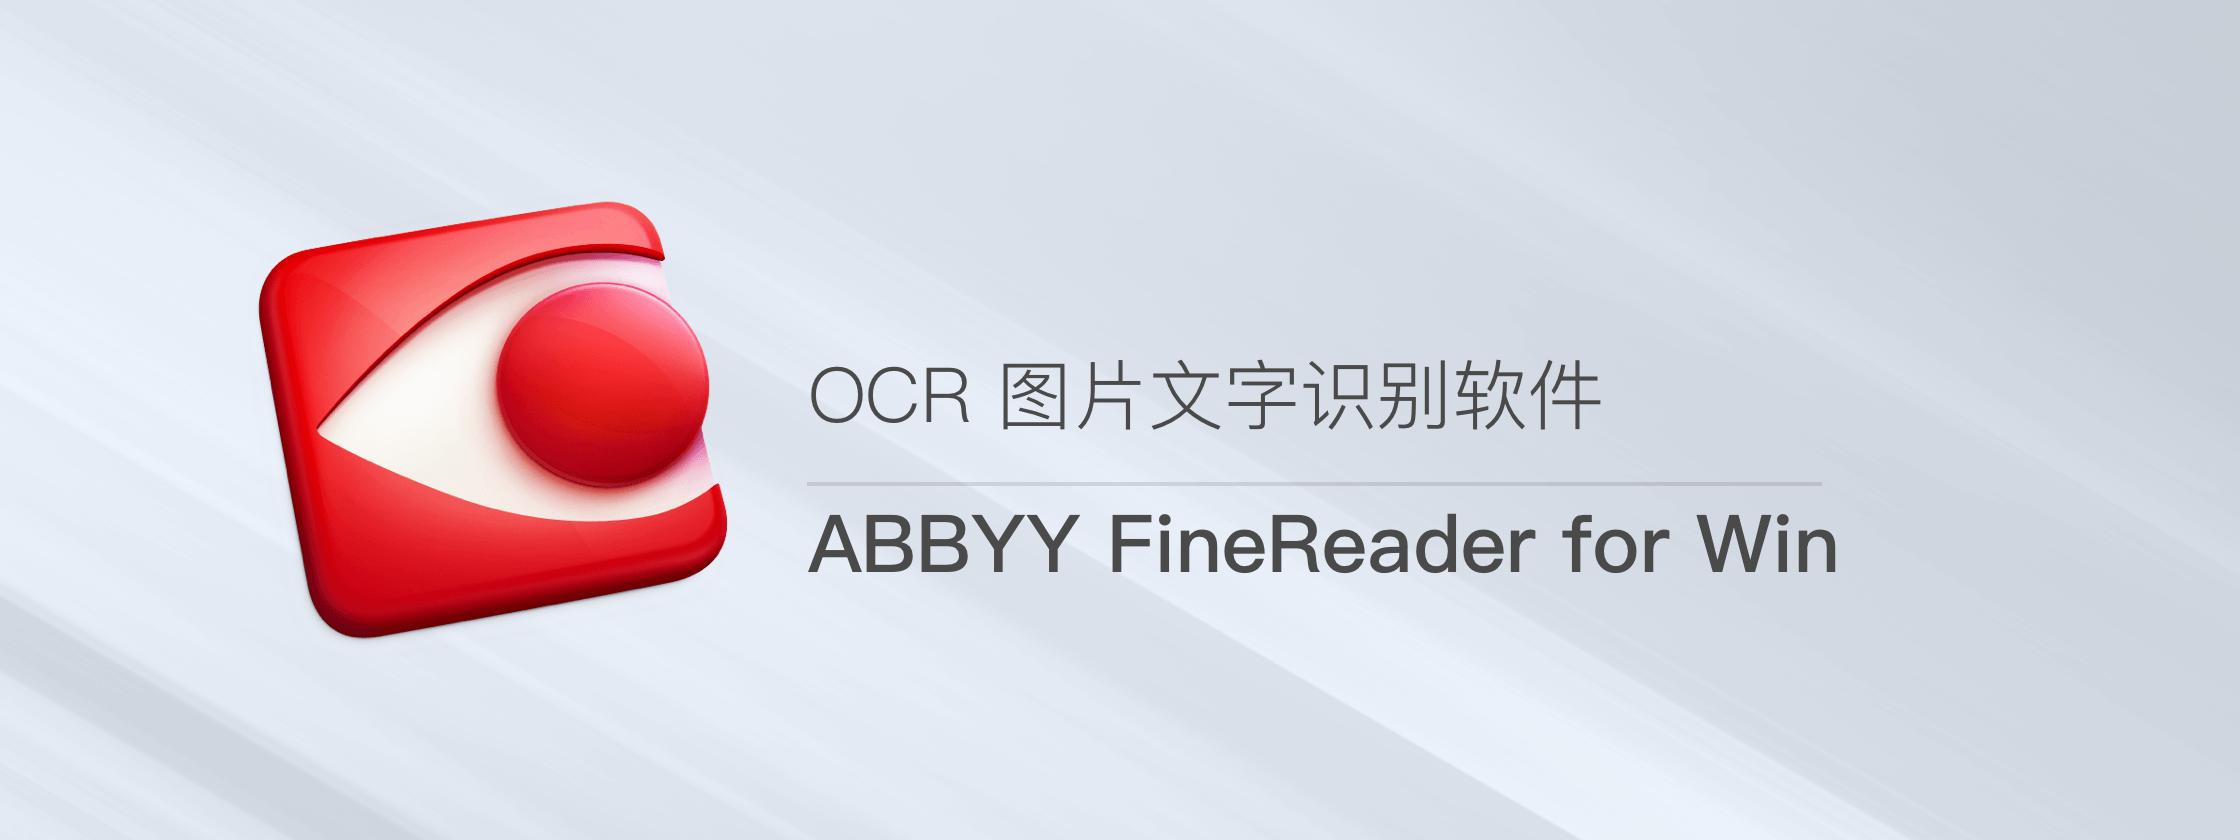 ABBYY FineReader for Win – OCR 图片文字识别软件